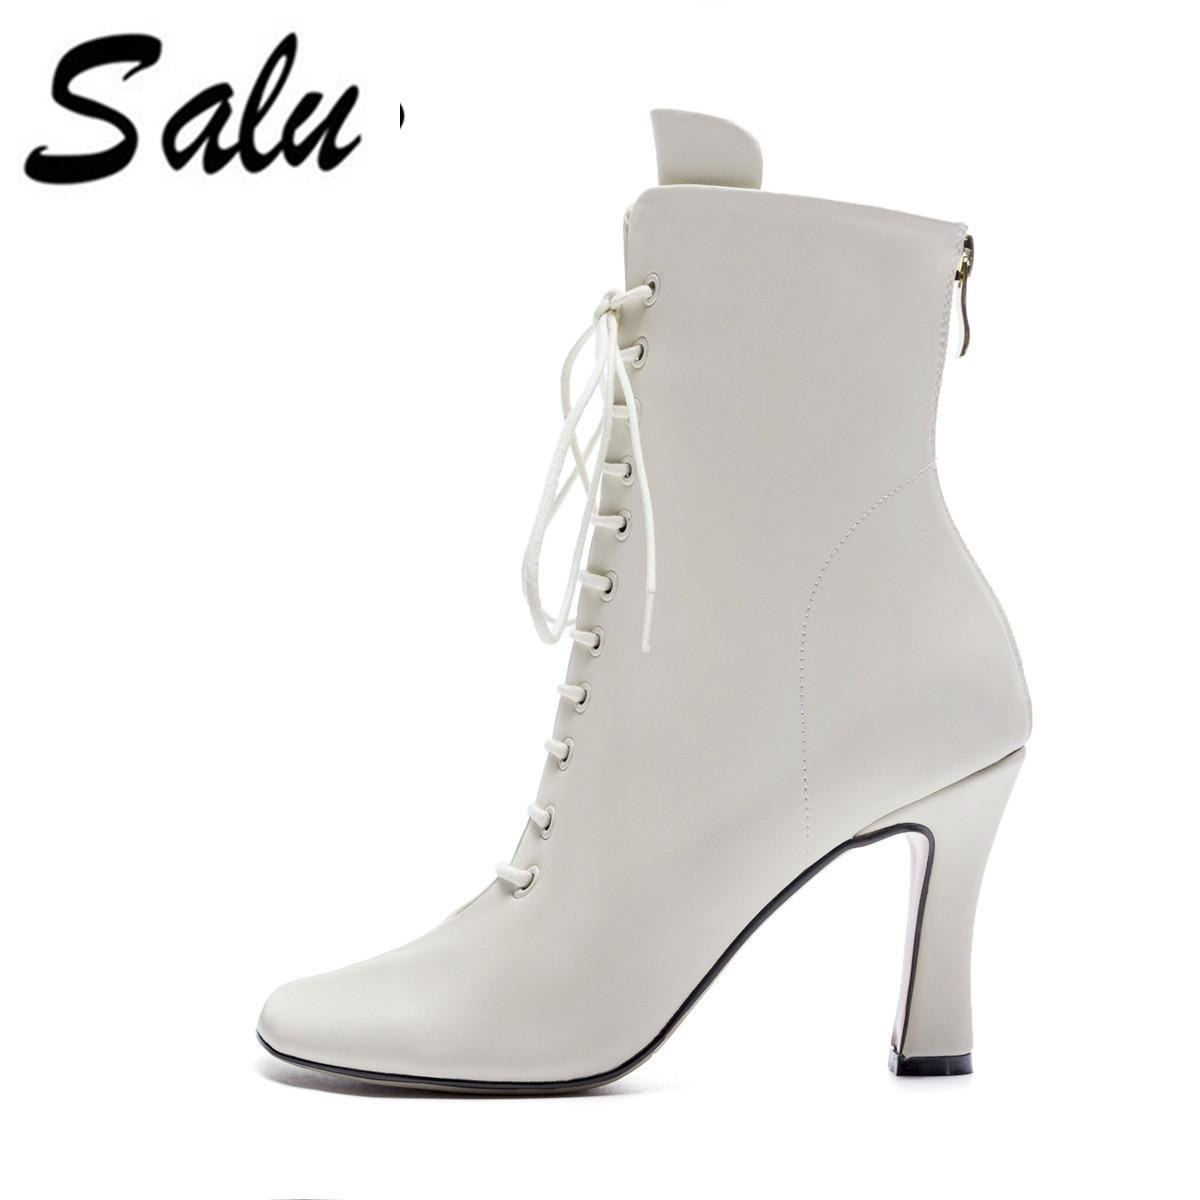 Salu 2019 nouvelles femmes bottines bout pointu Chunky bottes à talons hauts miroir métallique femmes pompes femme Sexy Stiletto noir-in Bottines from Chaussures    1